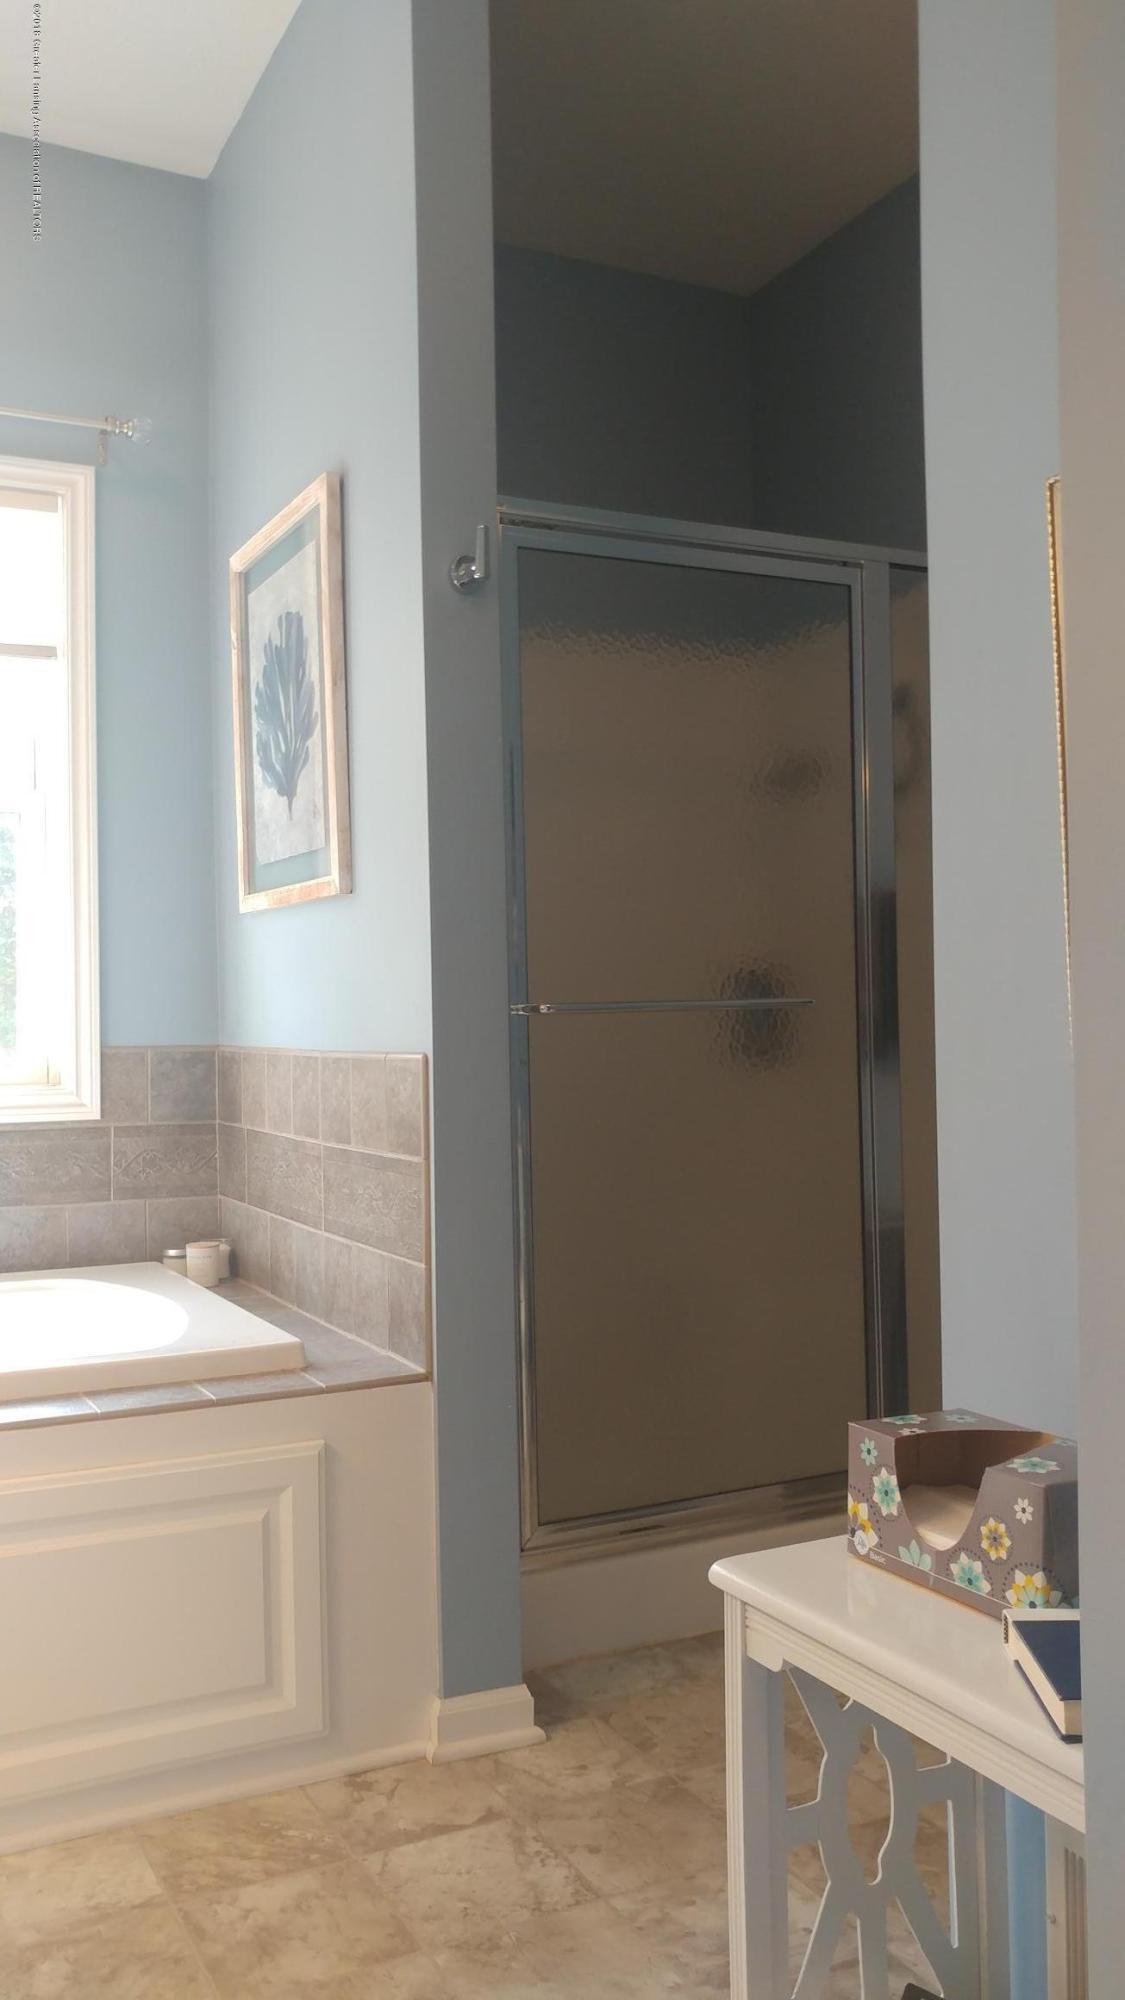 813 John Finner Ln - En Suite Shower - 36